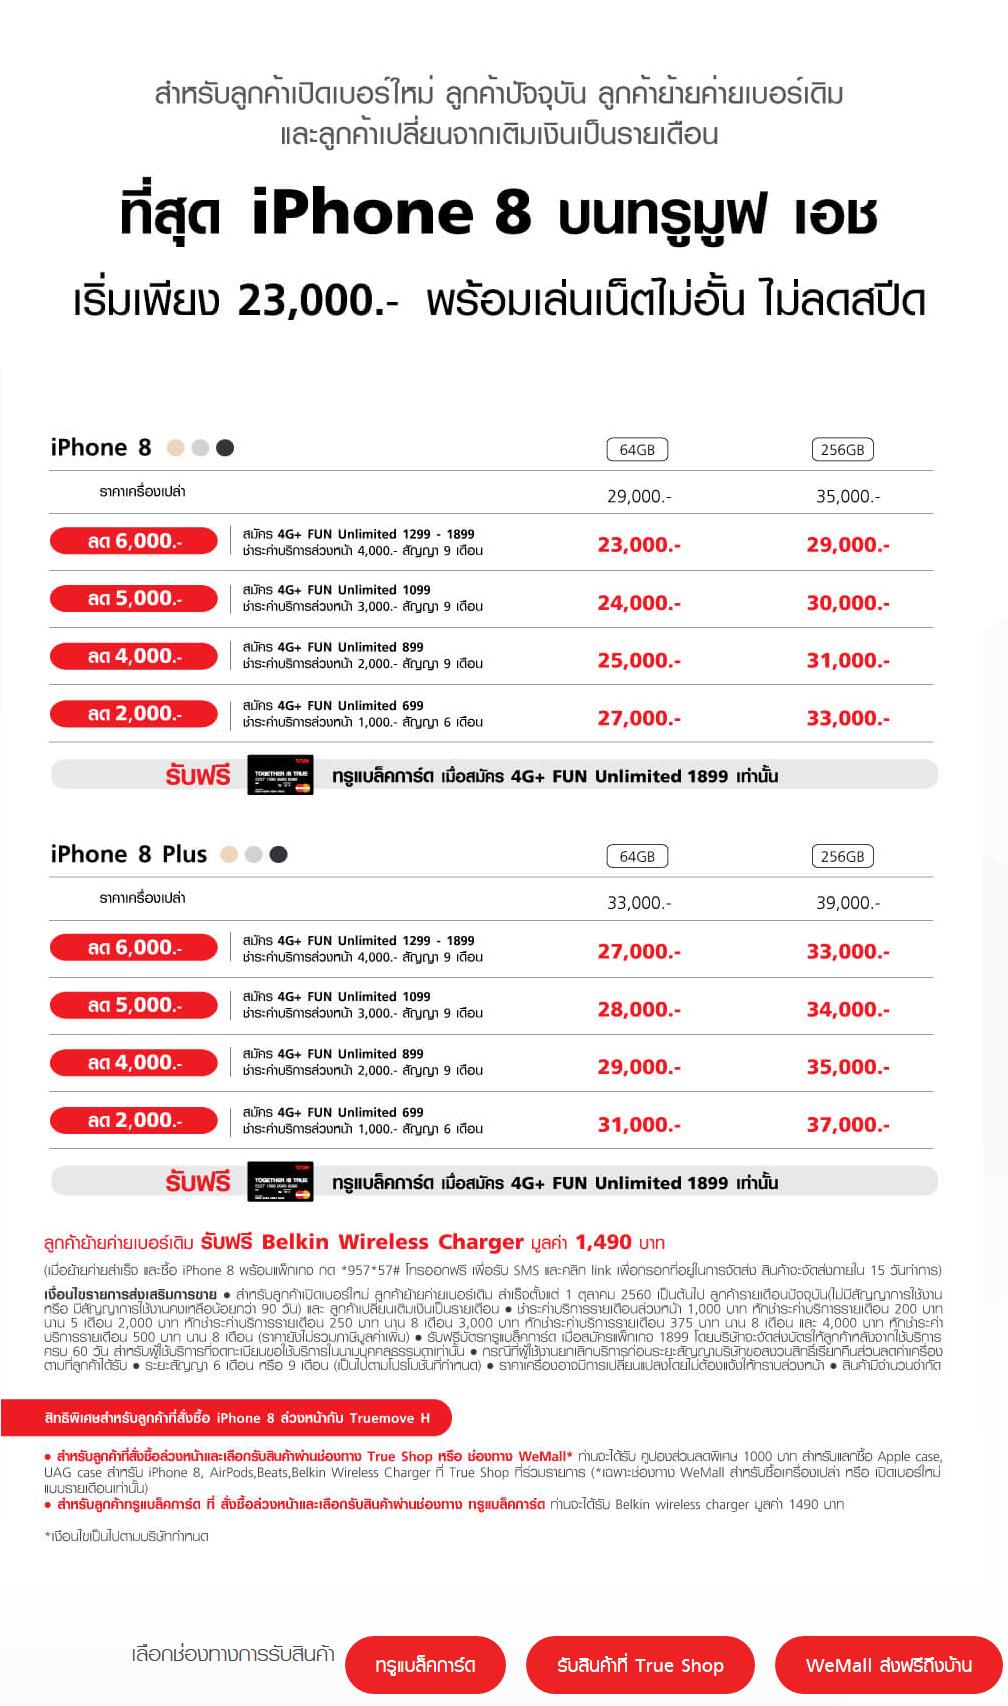 โปรโมชั่น iPhone 8 Truemove